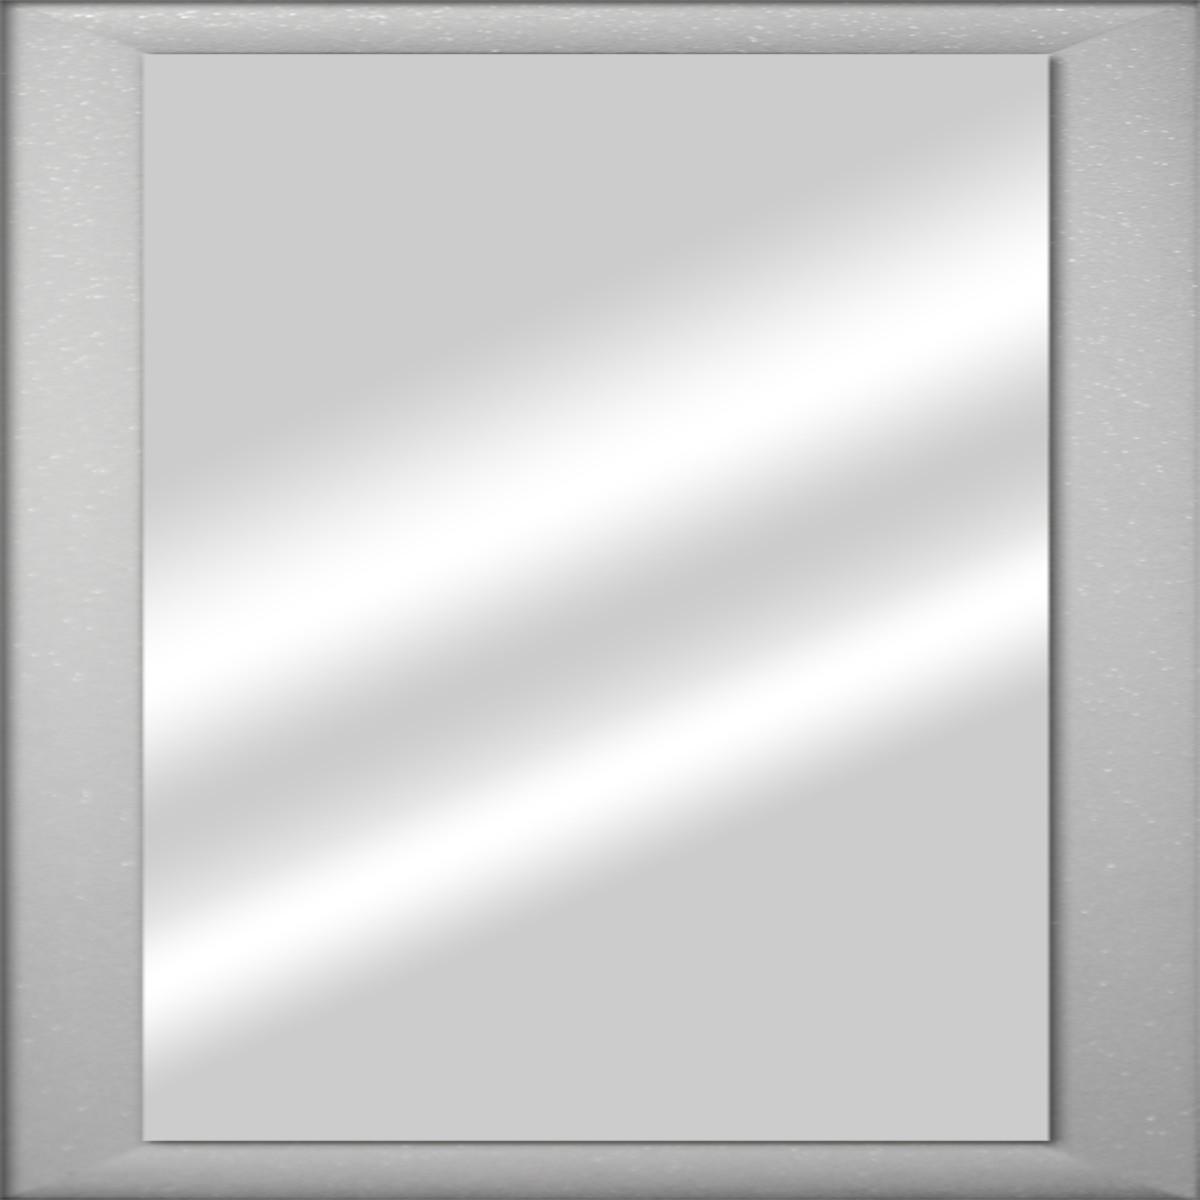 Specchio molato telaio inox varie forme speci prezzo e - Specchio leroy merlin ...